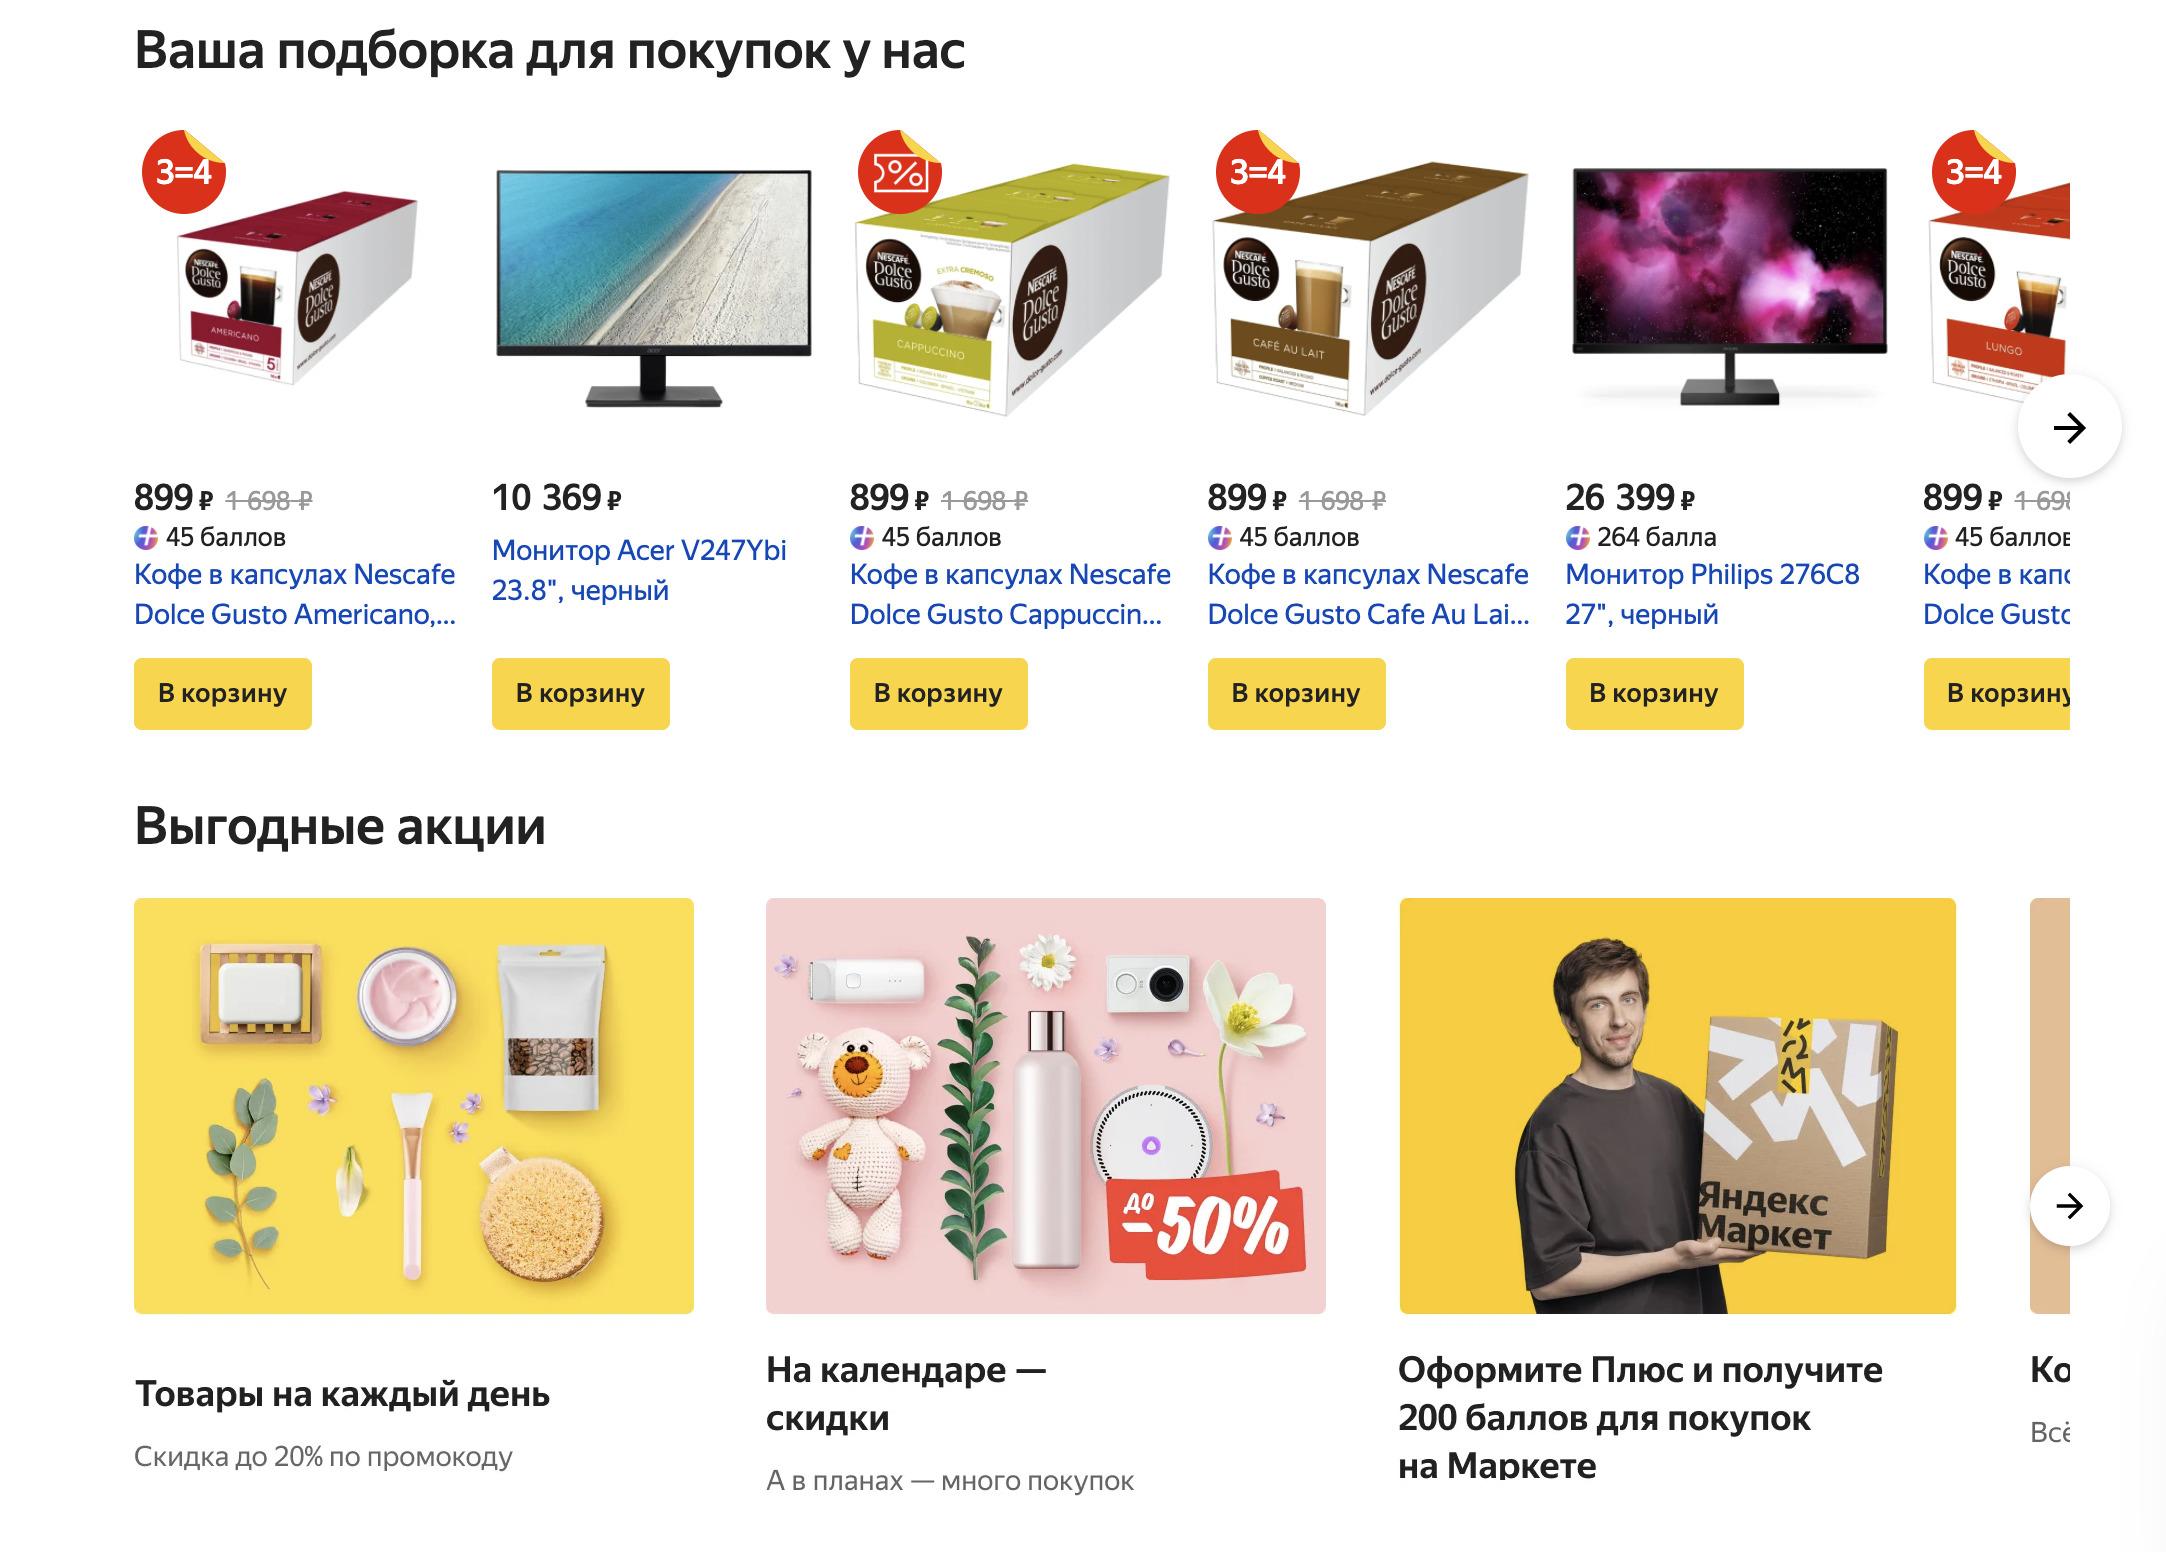 Доставка из Яндекс.Маркет в Россошь, сроки, пункты выдачи, каталог